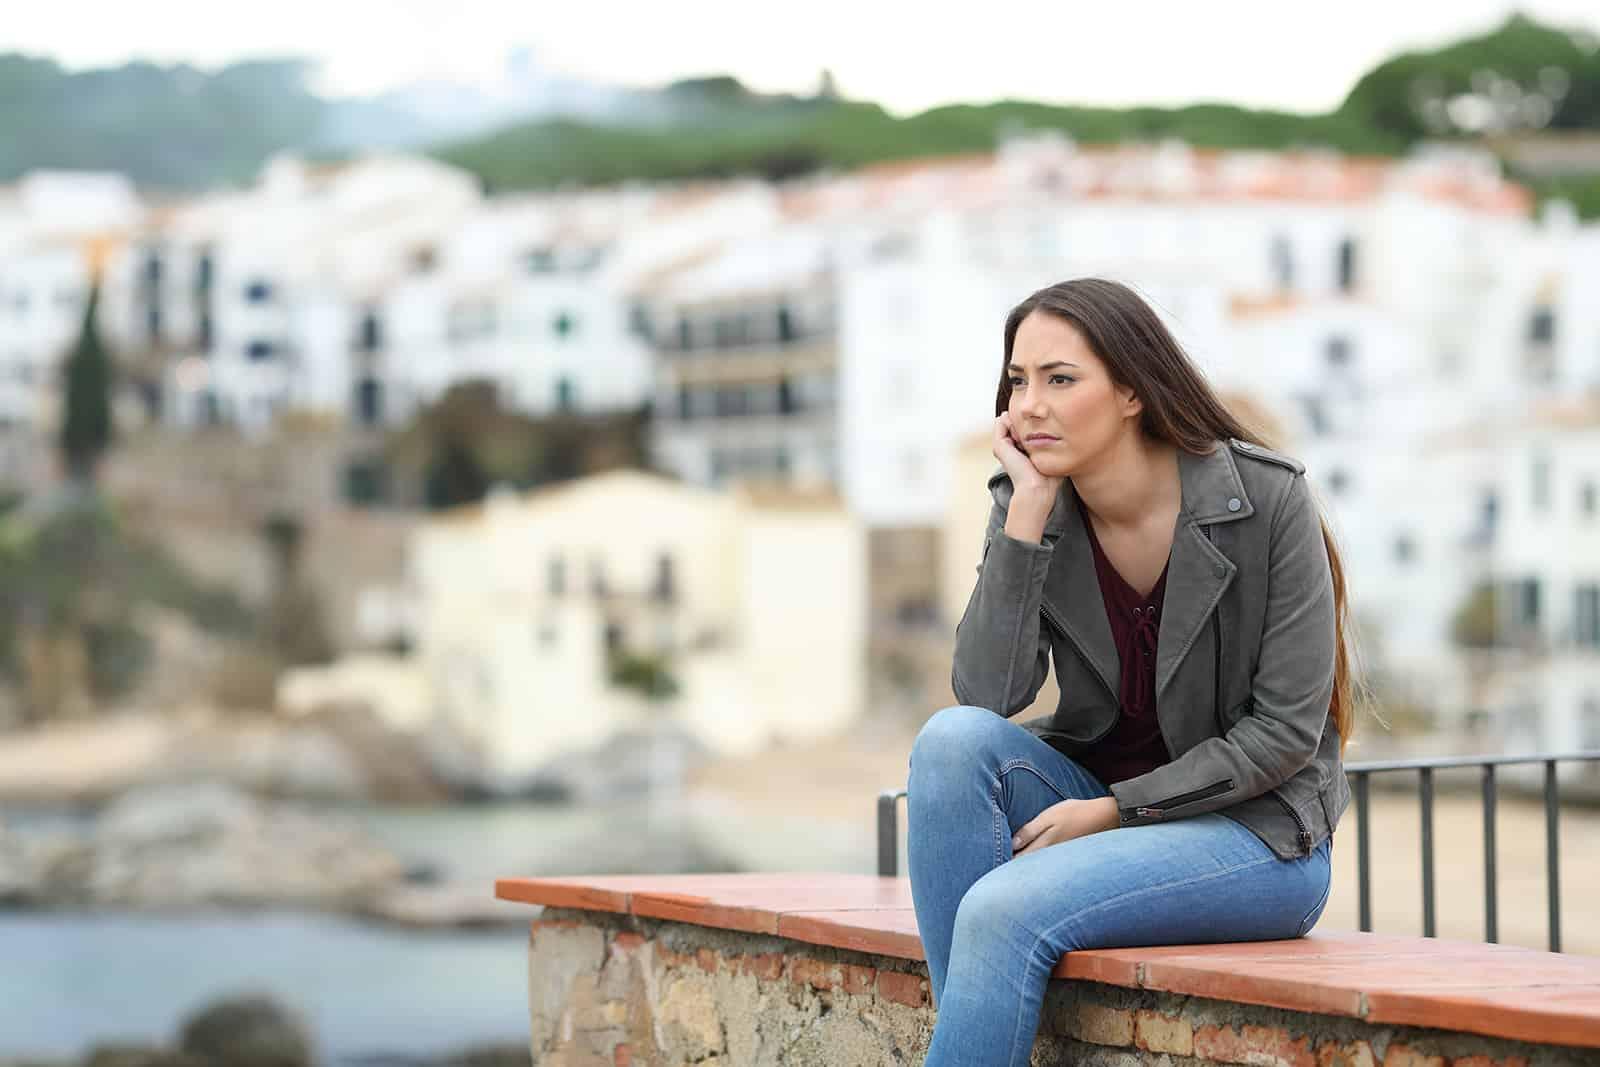 Traurige nachdenkliche Frau, die weg schaut, die auf einem Sims in einer Küstenstadt sitzt